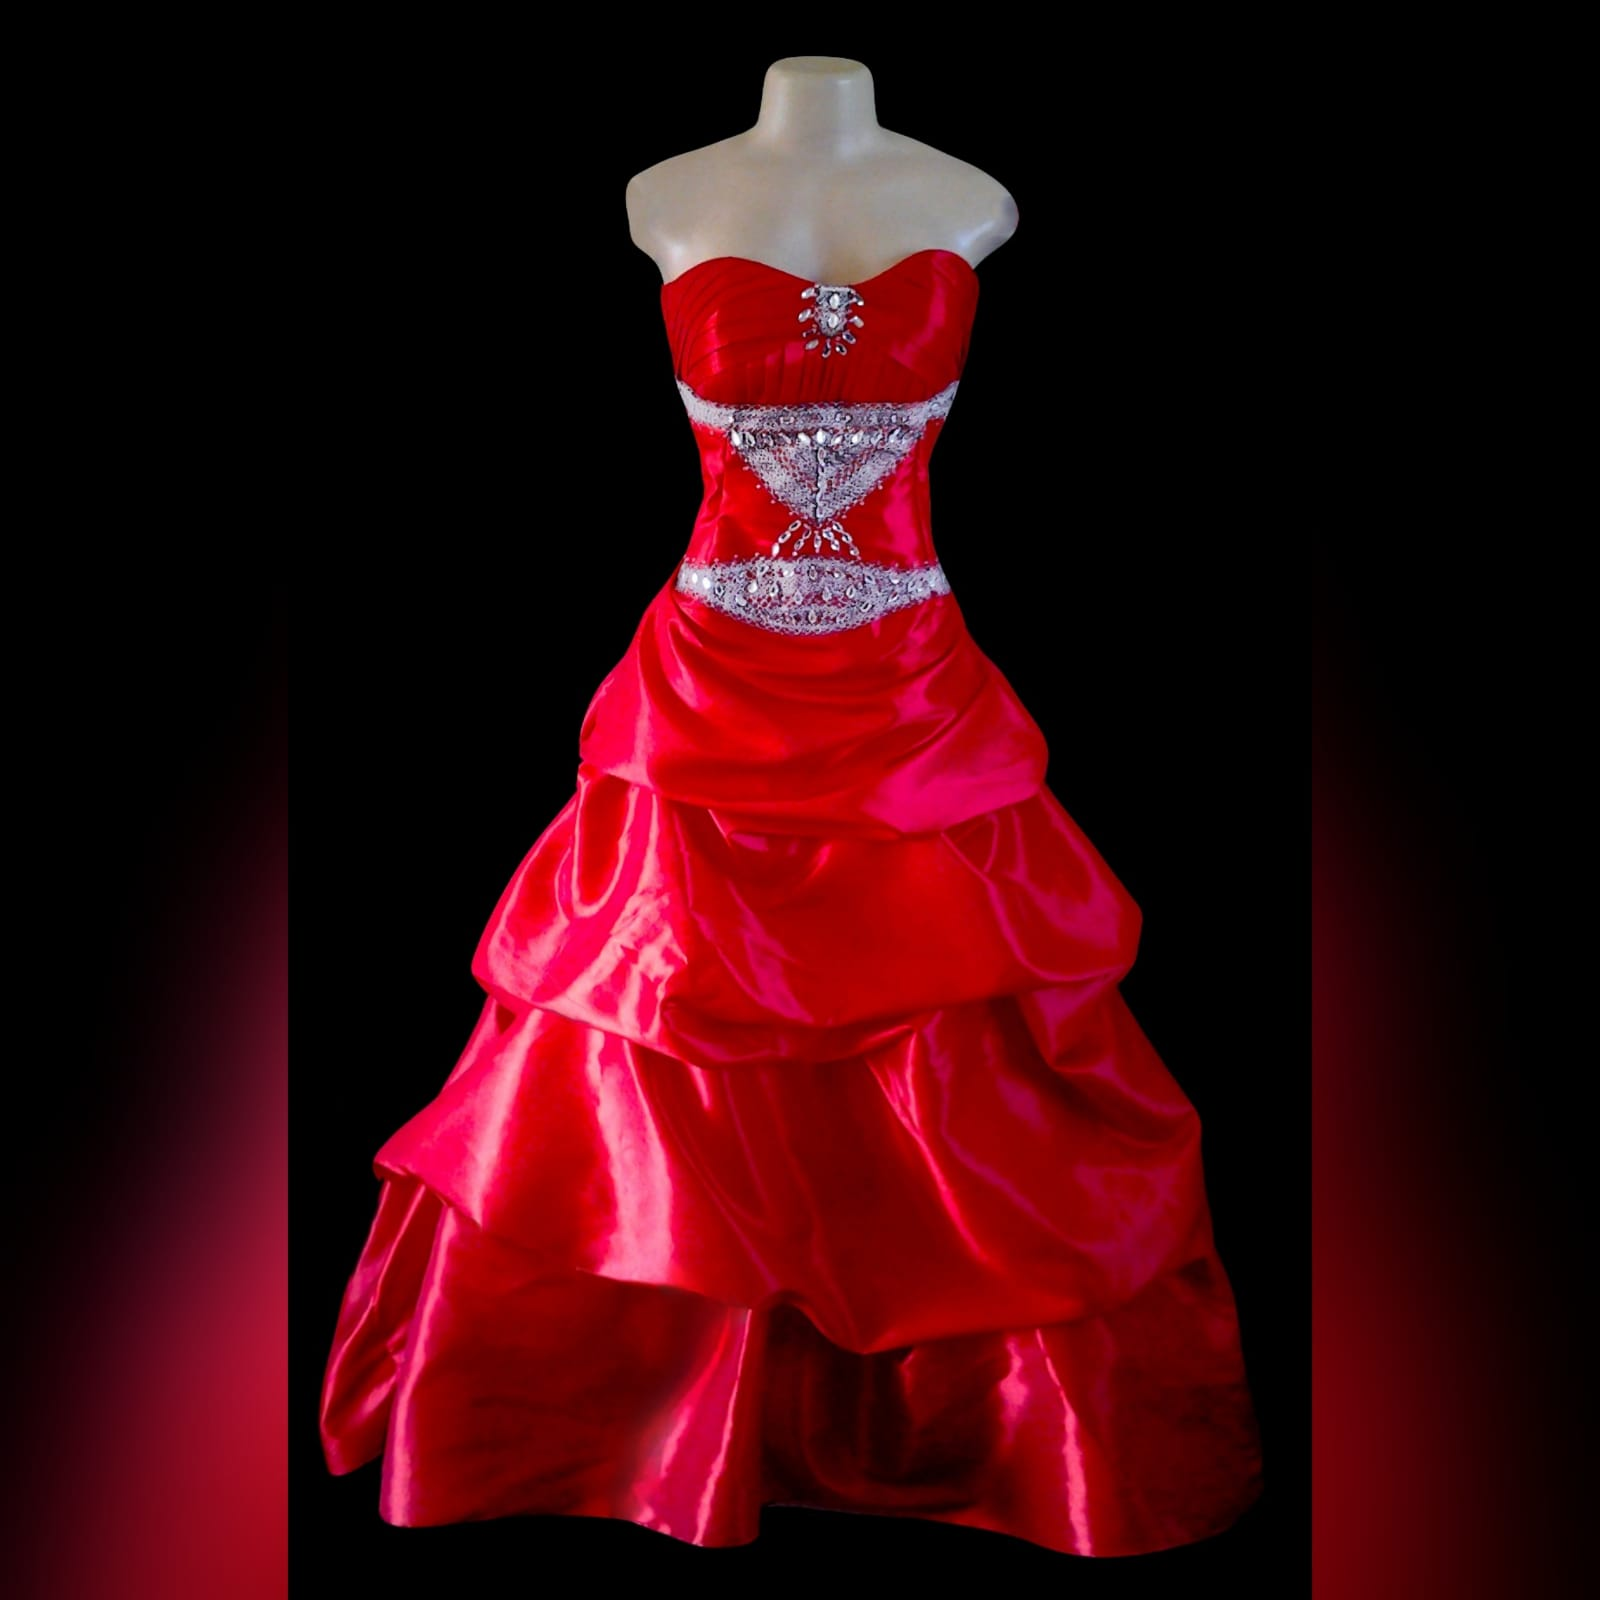 Vestido princesa de finalistas vermelho 3 vestido princesa de finalistas vermelho sem ombros com um corpete plissado detalhado com enfeitos de prata